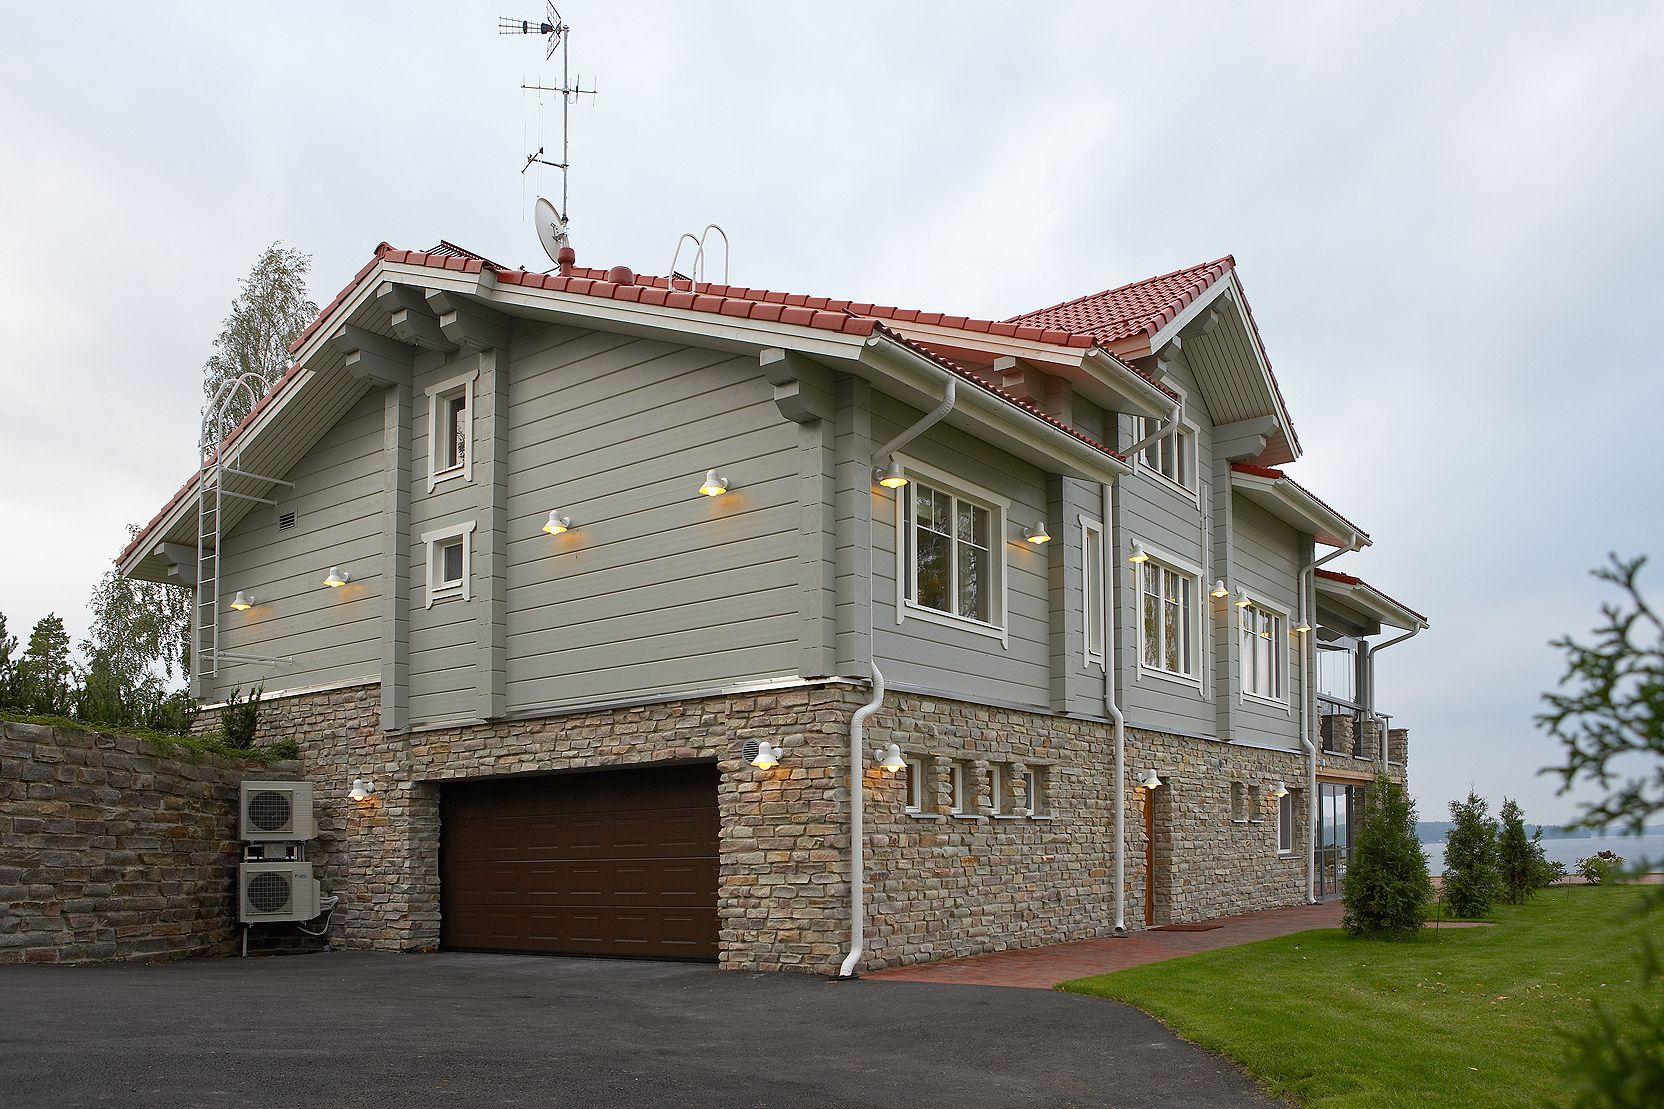 фото домов с высоким цоколем только изоленте вверху